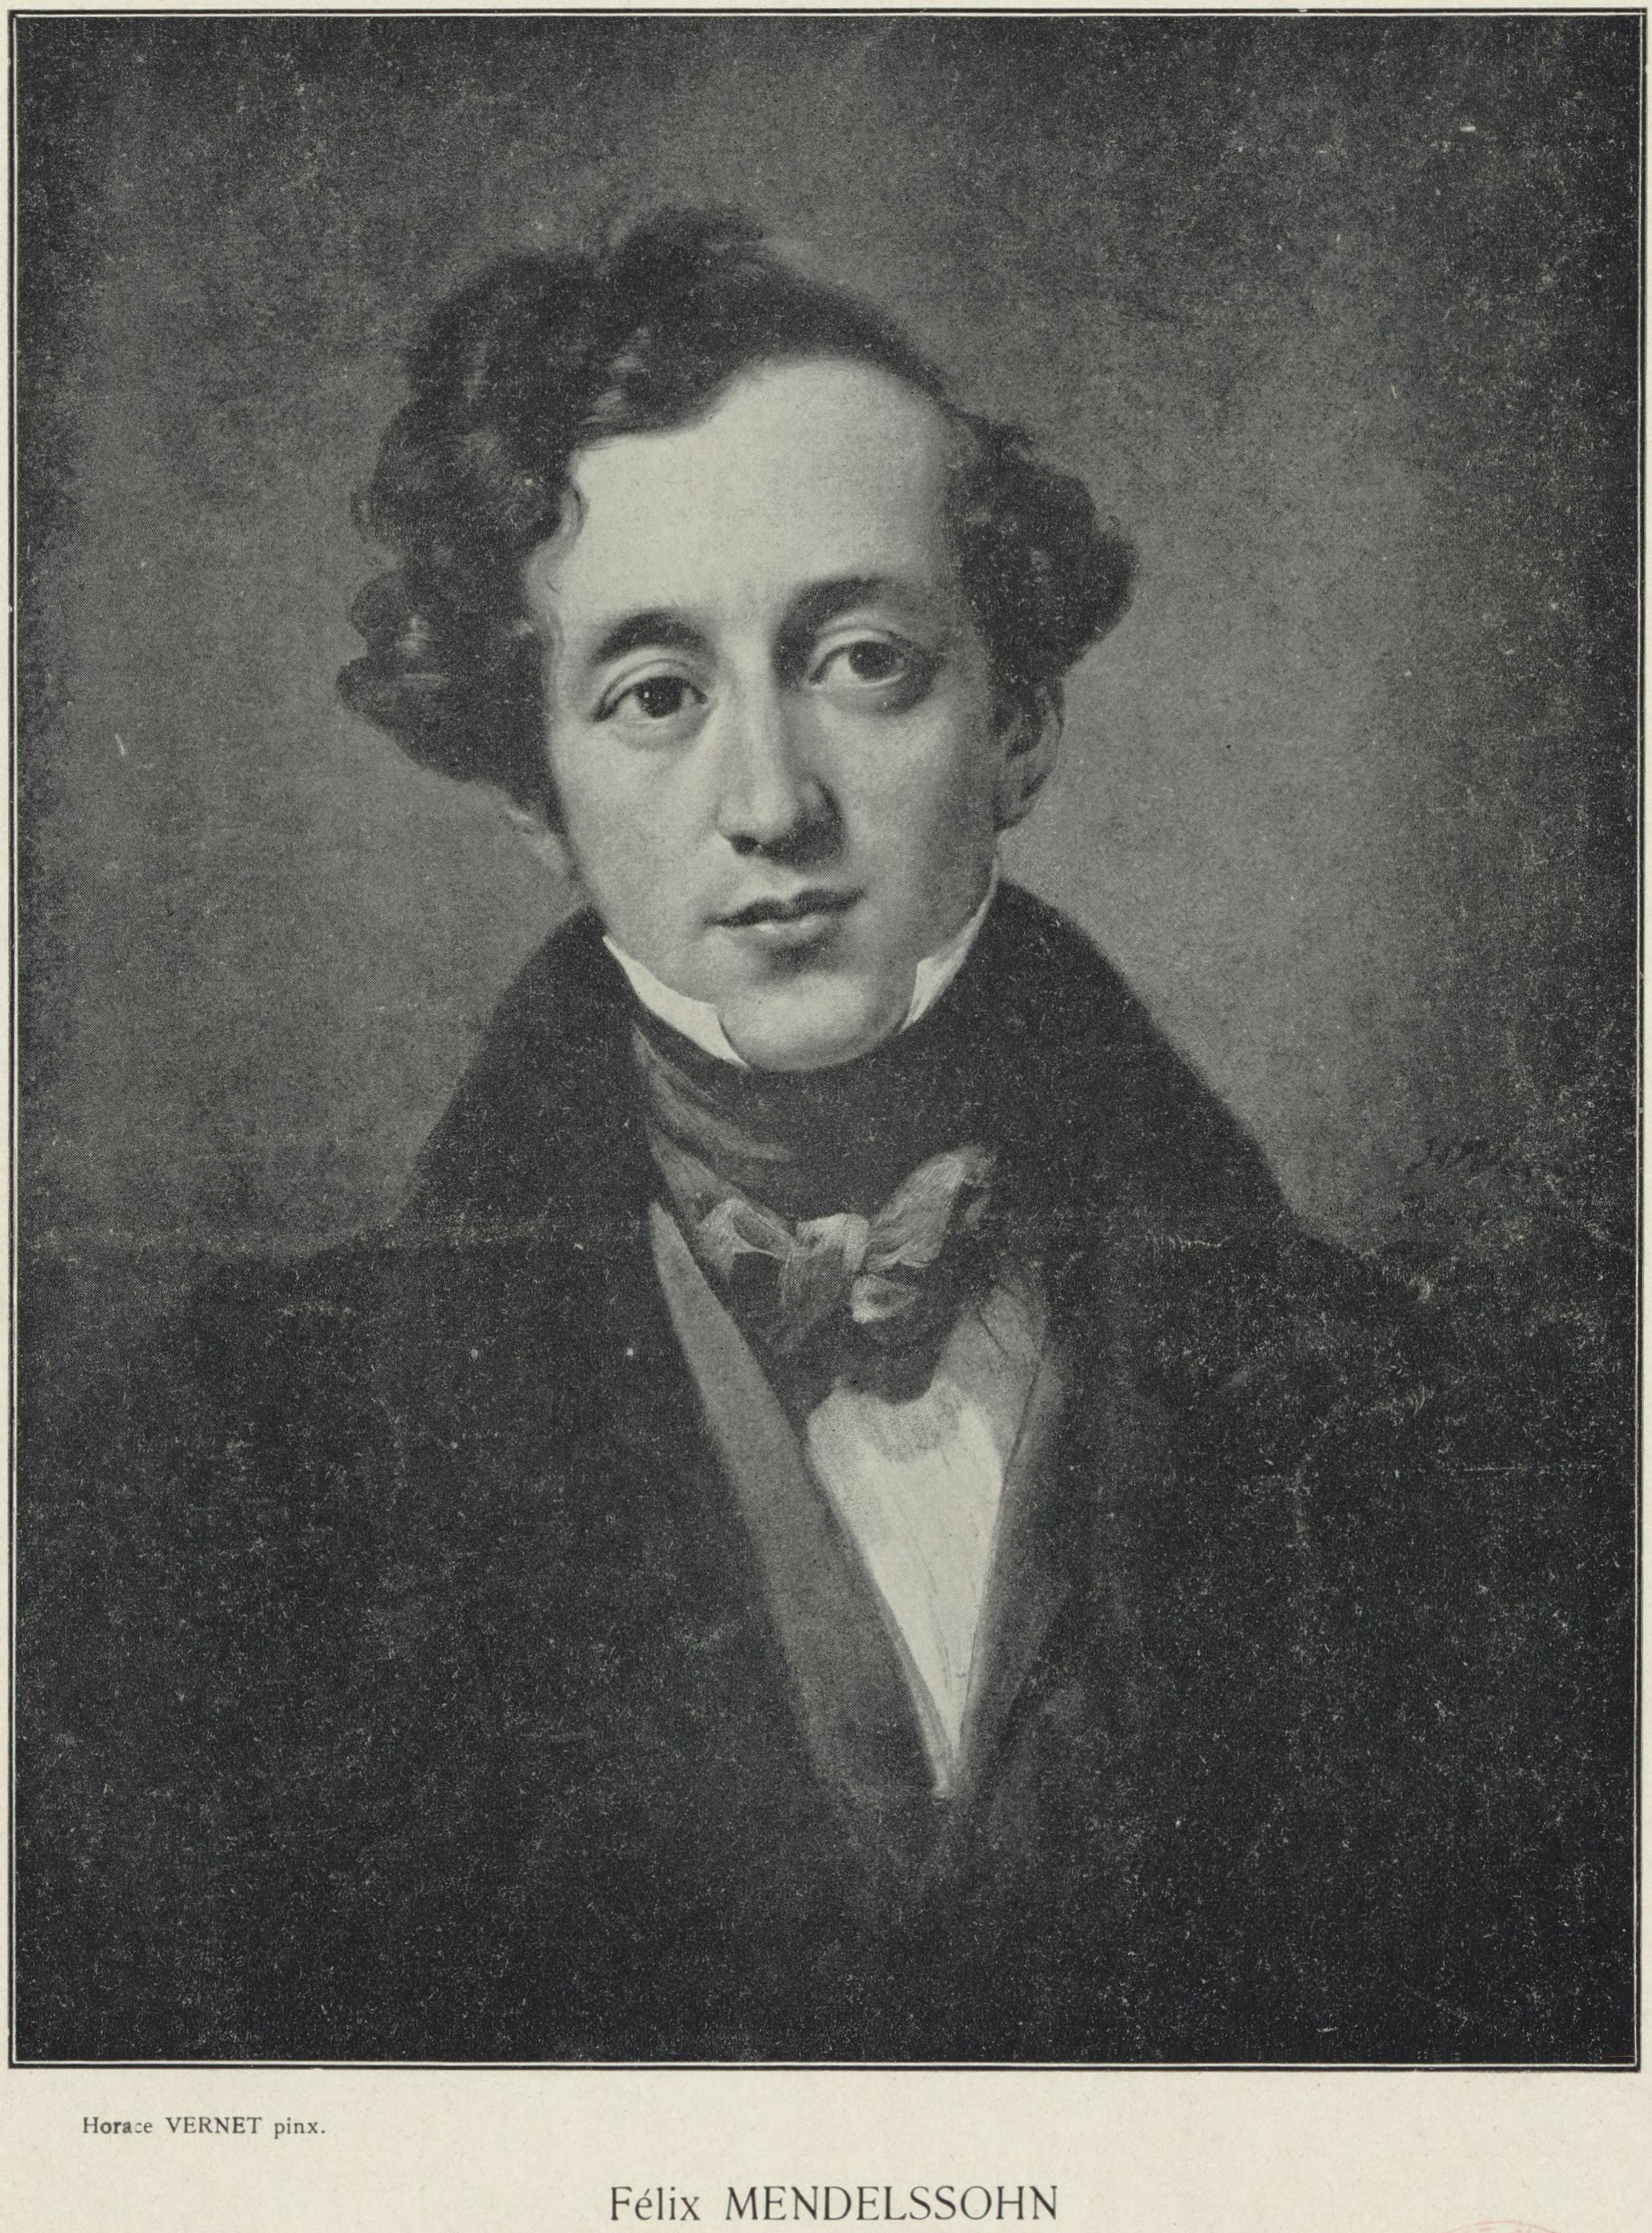 Felix Mendelssohn, reproduction d'un tableau d'Horace Vernet (1789-1863). Date d'édition: 1911. 1 impression photomécanique 20 x 15,5 cm. Droits: domaine public. Identifiant: ark:/12148/btv1b84225303. Source: Bibliothèque nationale de France. Notice de recueil : http://catalogue.bnf.fr/ark:/12148/cb38642756c. Notice du catalogue: http://catalogue.bnf.fr/ark:/12148/cb39621816w, cliquer pour plus d'infos